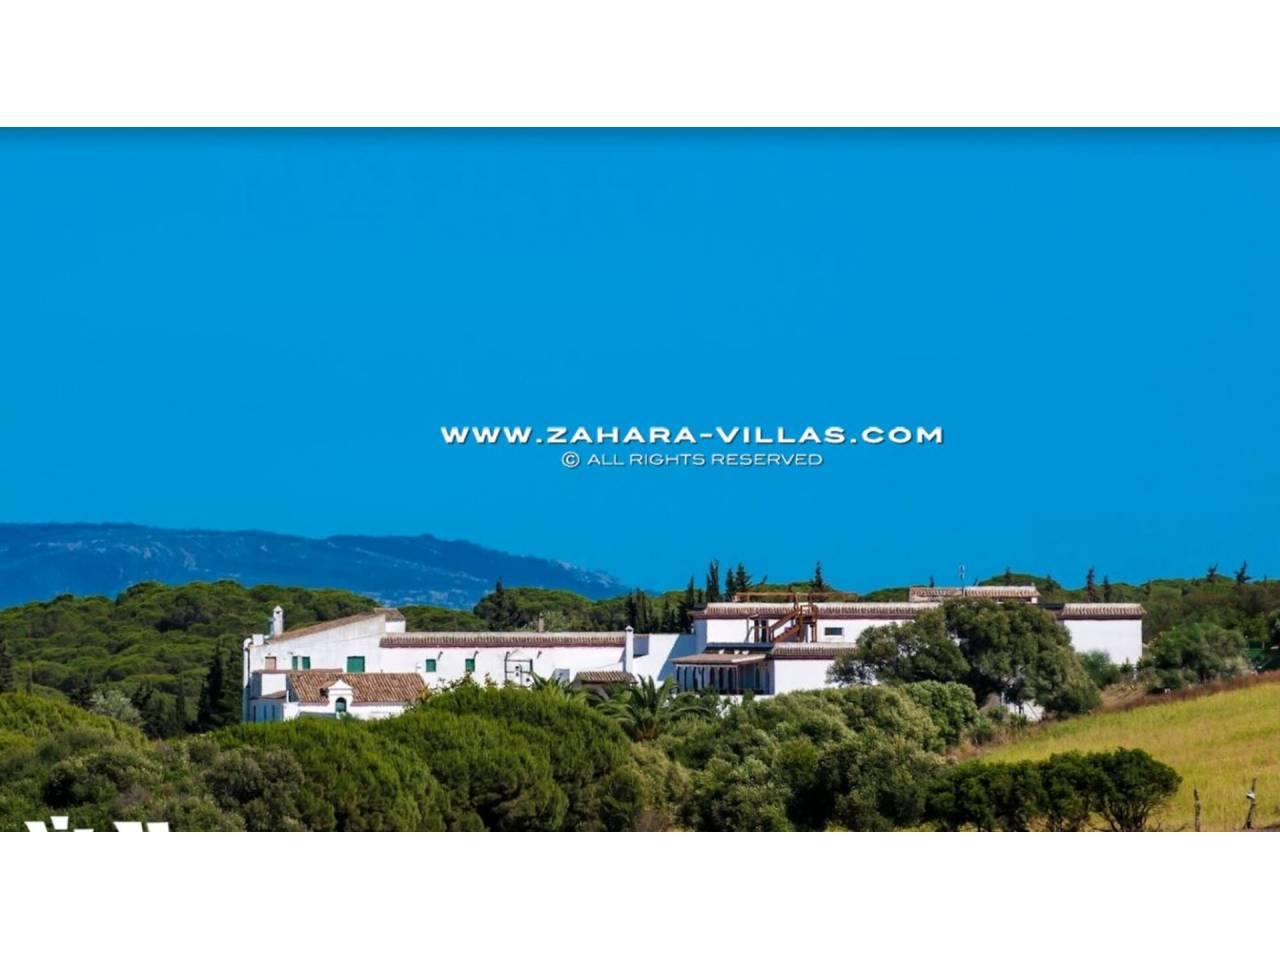 Imagen 1 de Rural Hotel en San Ambrosio, Barbate